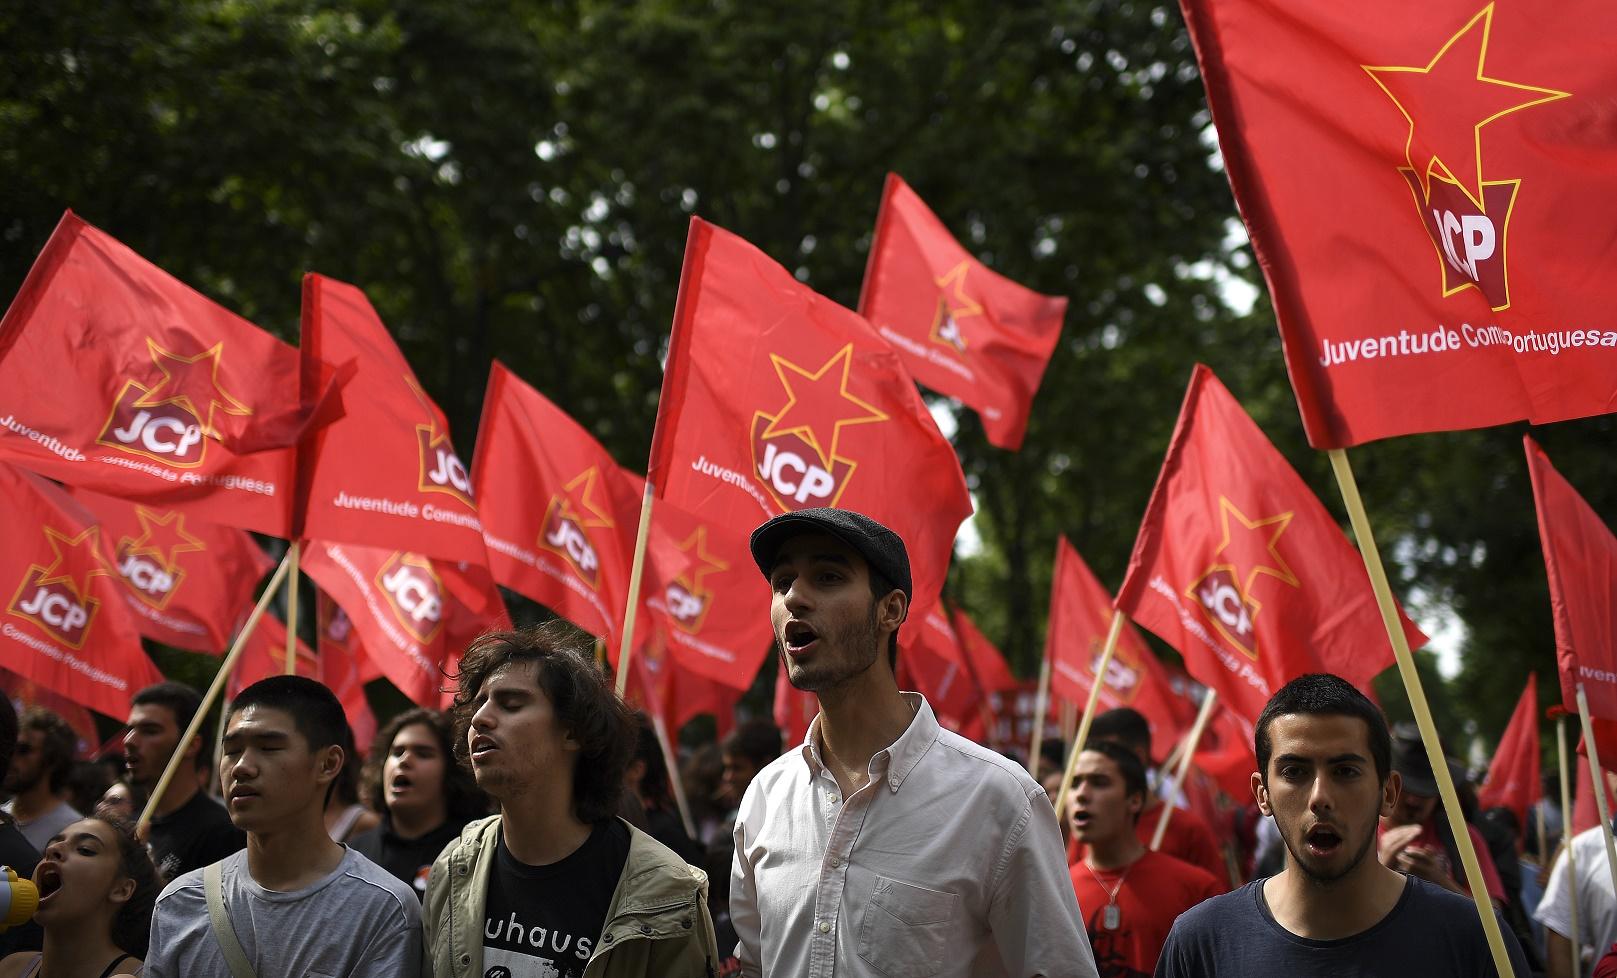 Jovens da Juventude Comunista Portuguesa (JCP) na marcha pelo aniversário da Revolução dos Cravos. Foto Francisco Leong/AFP